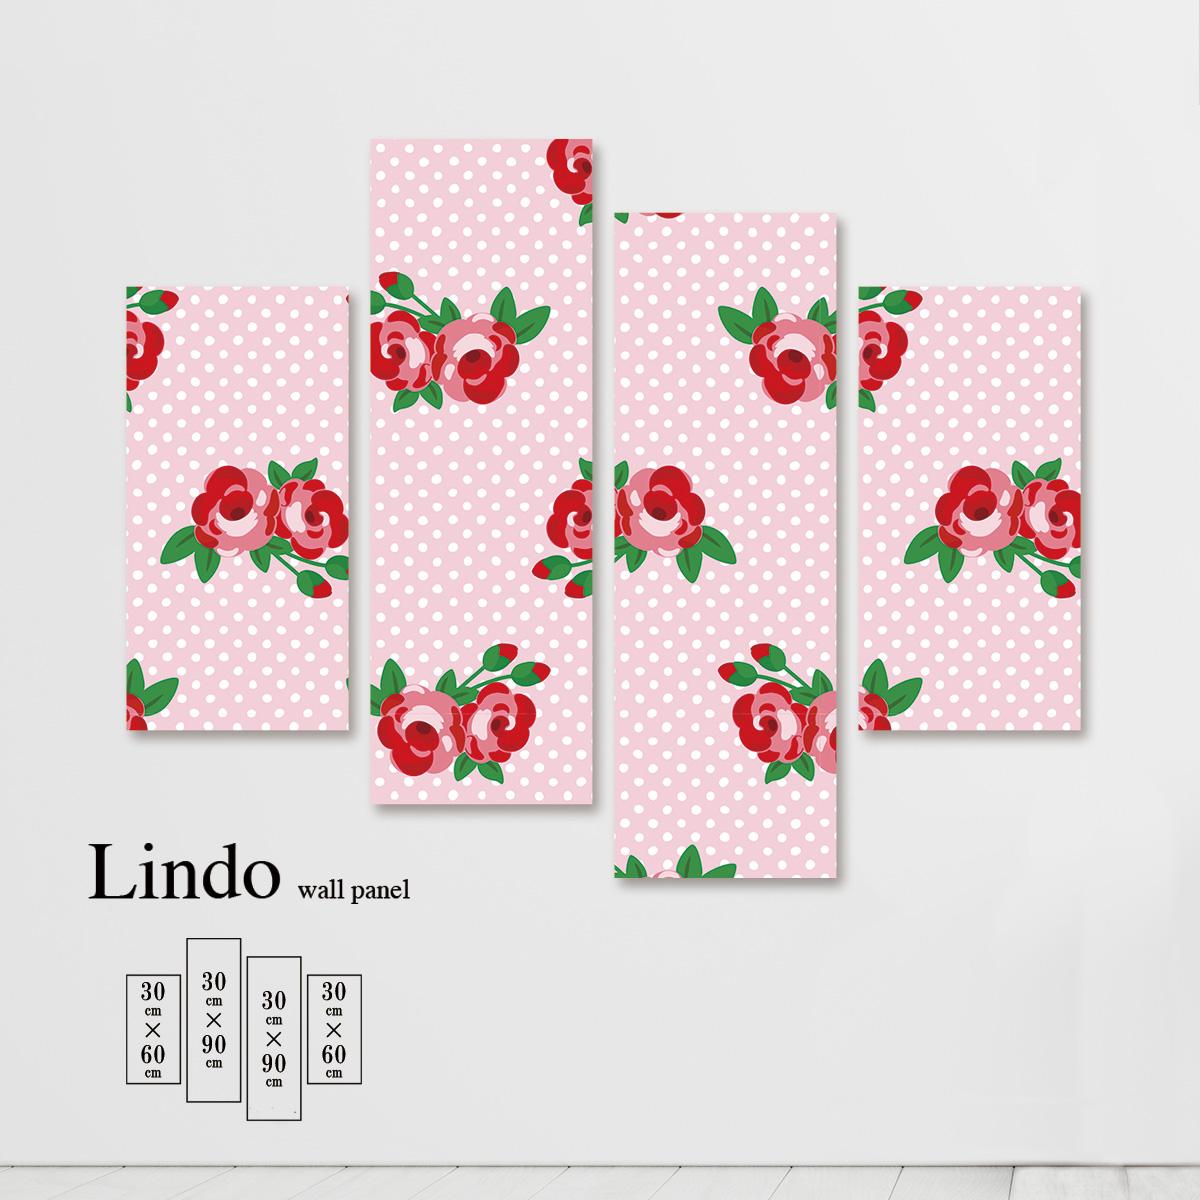 ファブリックパネル 花 フラワー 薔薇 ローズ 花柄 植物 ピンク ドット 壁掛け 北欧 お洒落 デザイン アート 壁飾り アートボード 4枚パネル